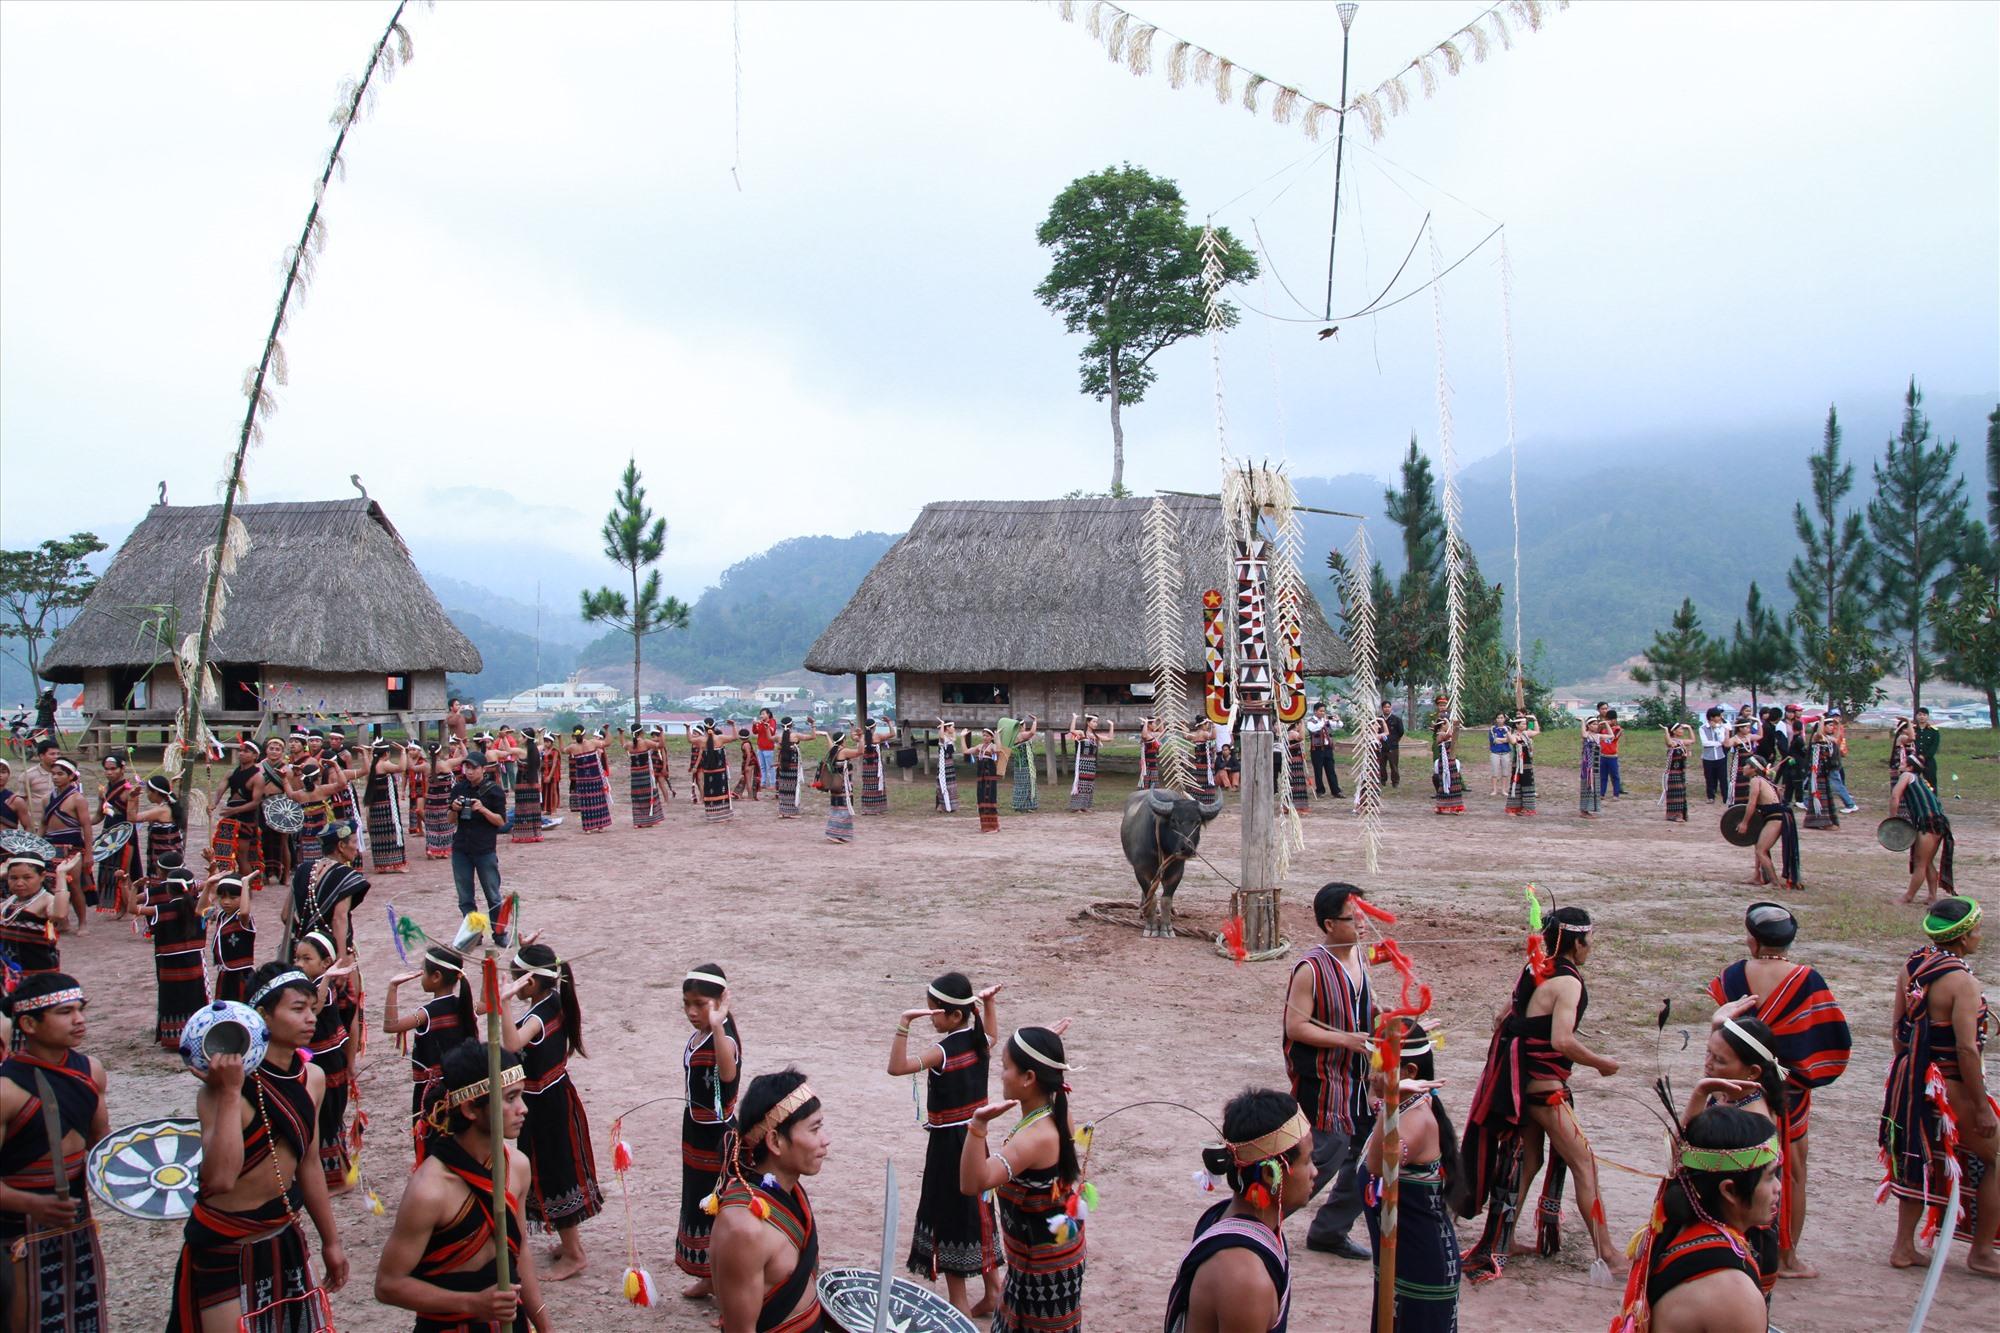 Giá trị bản địa đang là tiềm năng rất lớn cho khởi nghiệp du lịch trong thời điểm hiện tại. TRONG ẢNH: Lễ hội mừng lúa mới của đồng bào Cơ Tu ở huyện Tây Giang. Ảnh: CÔNG ANH